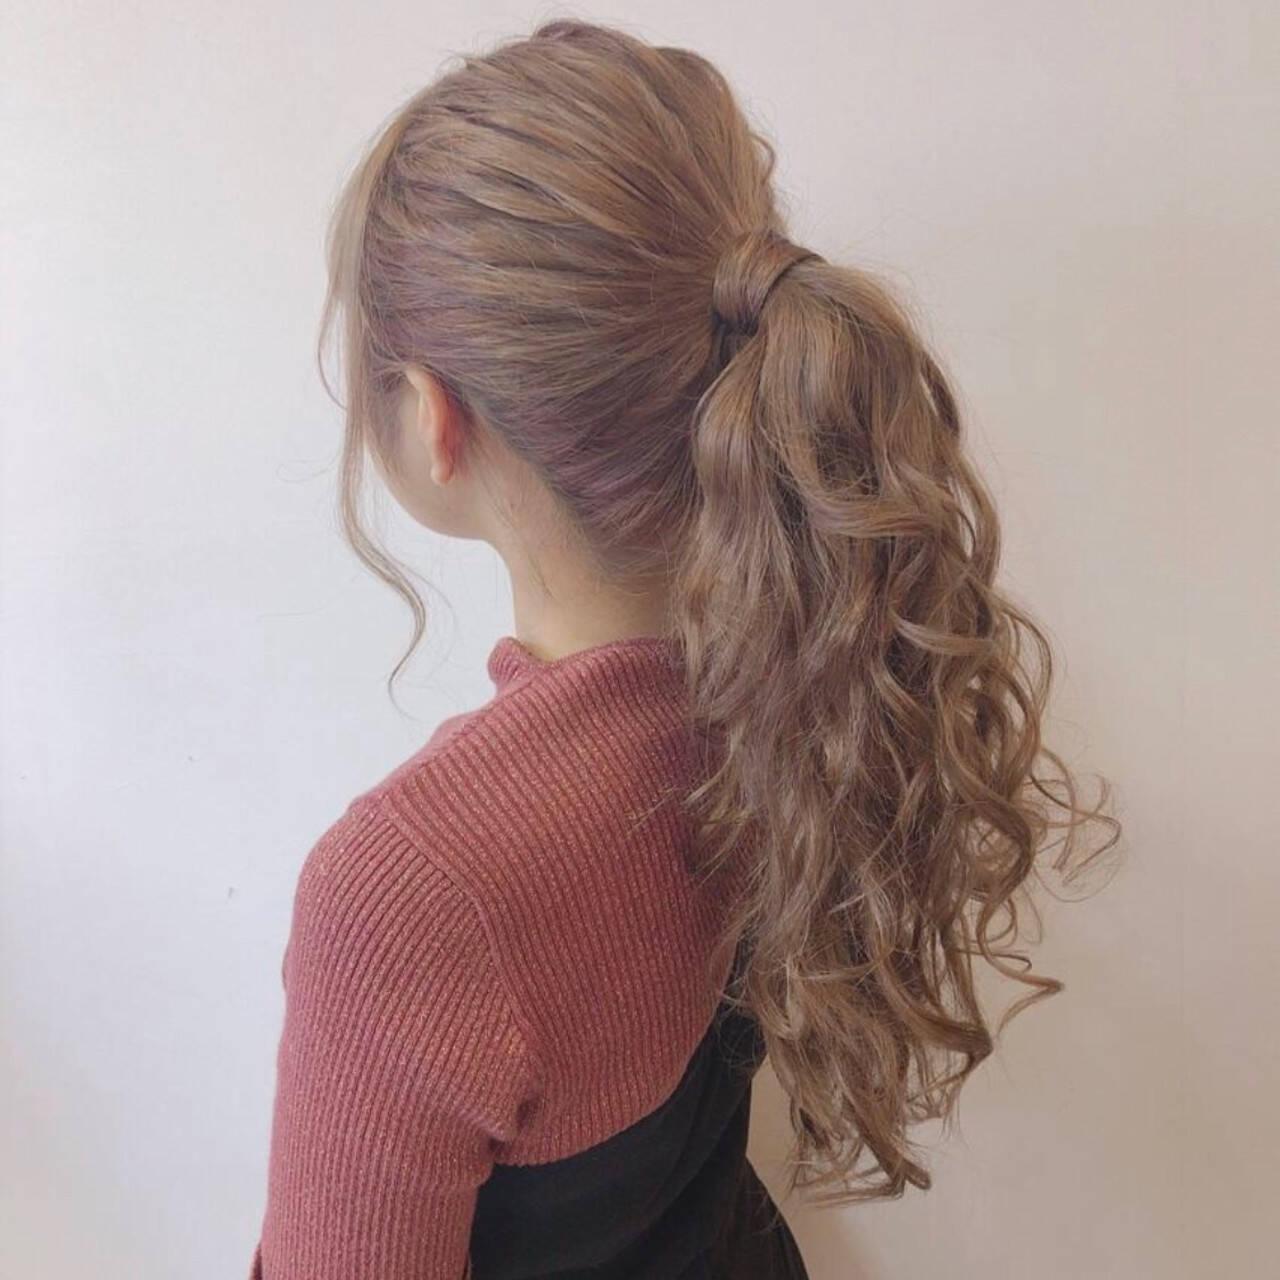 巻き髪 ポニーテール ロング ポニーテールアレンジヘアスタイルや髪型の写真・画像